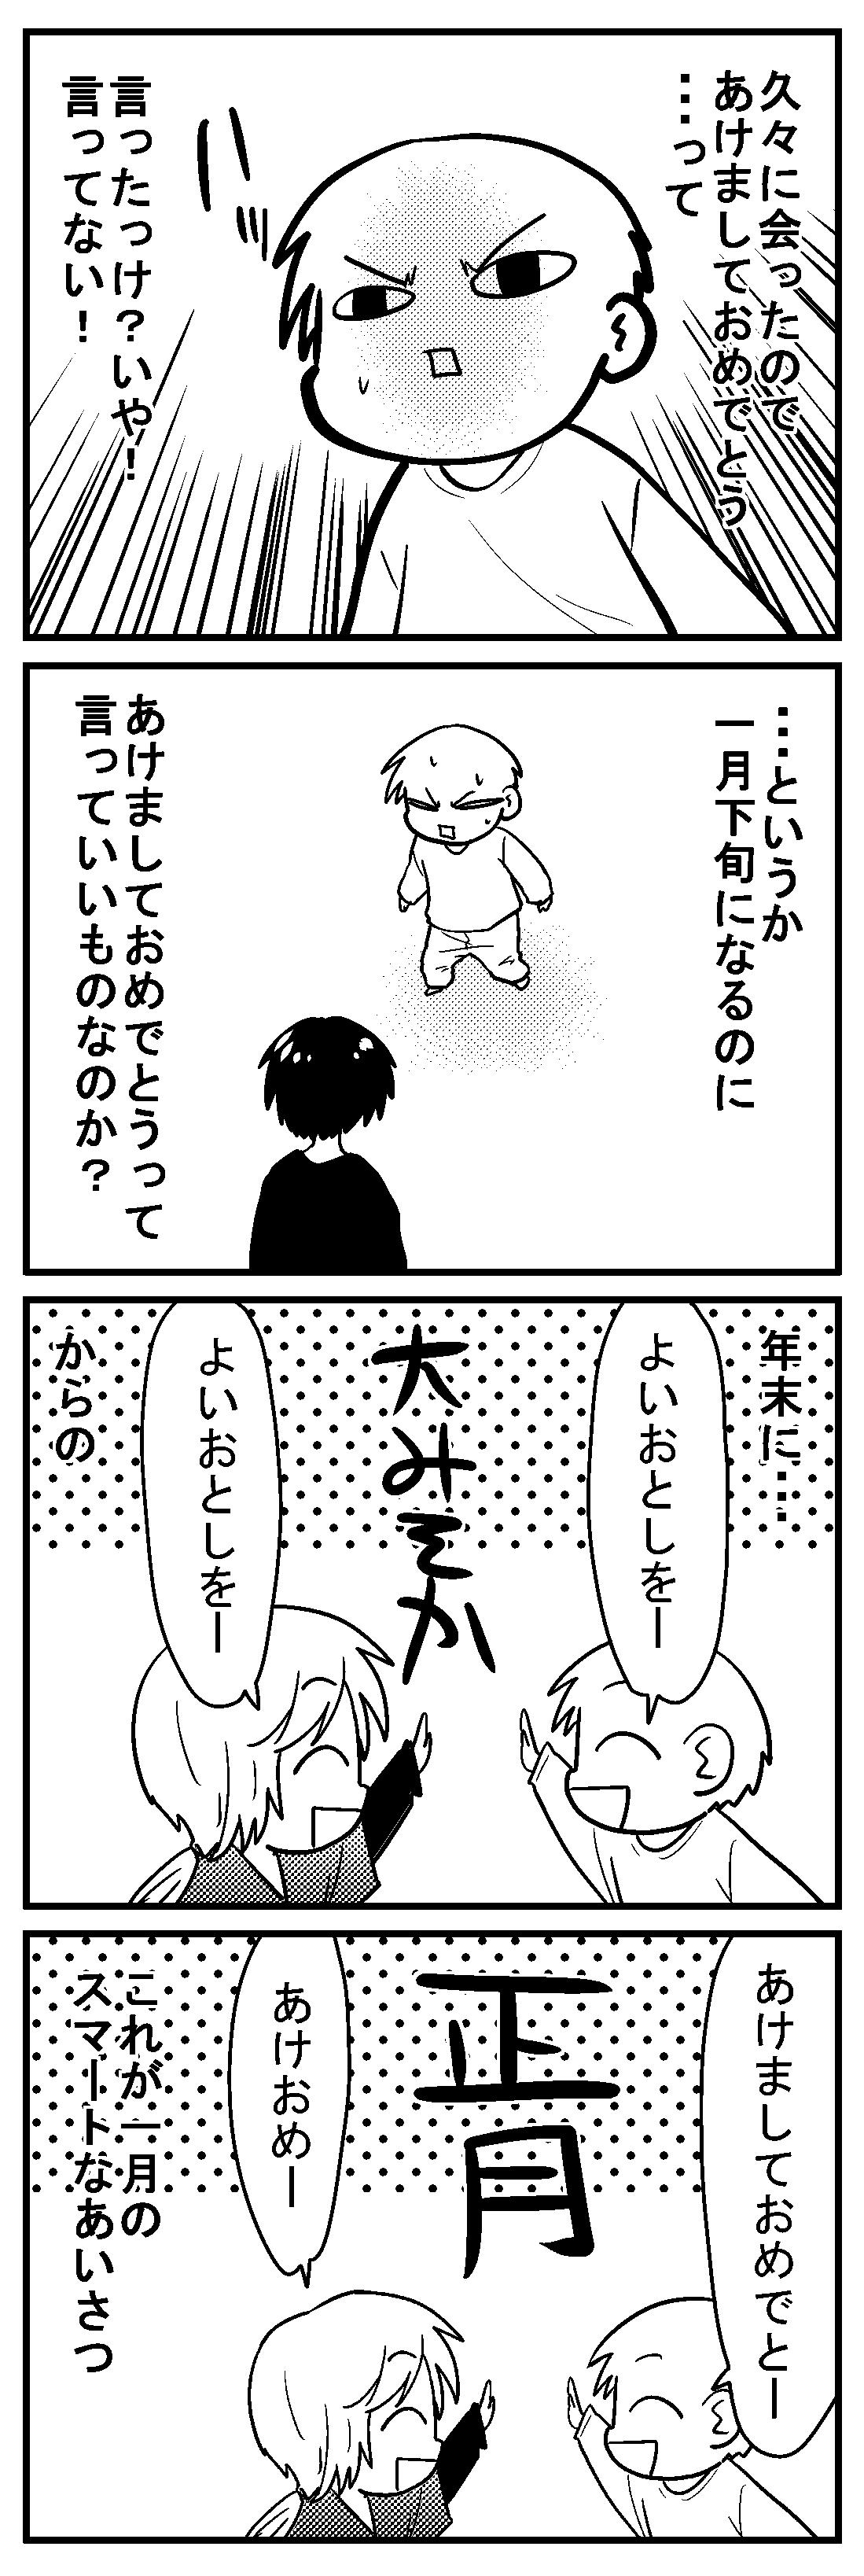 深読みくん38 2